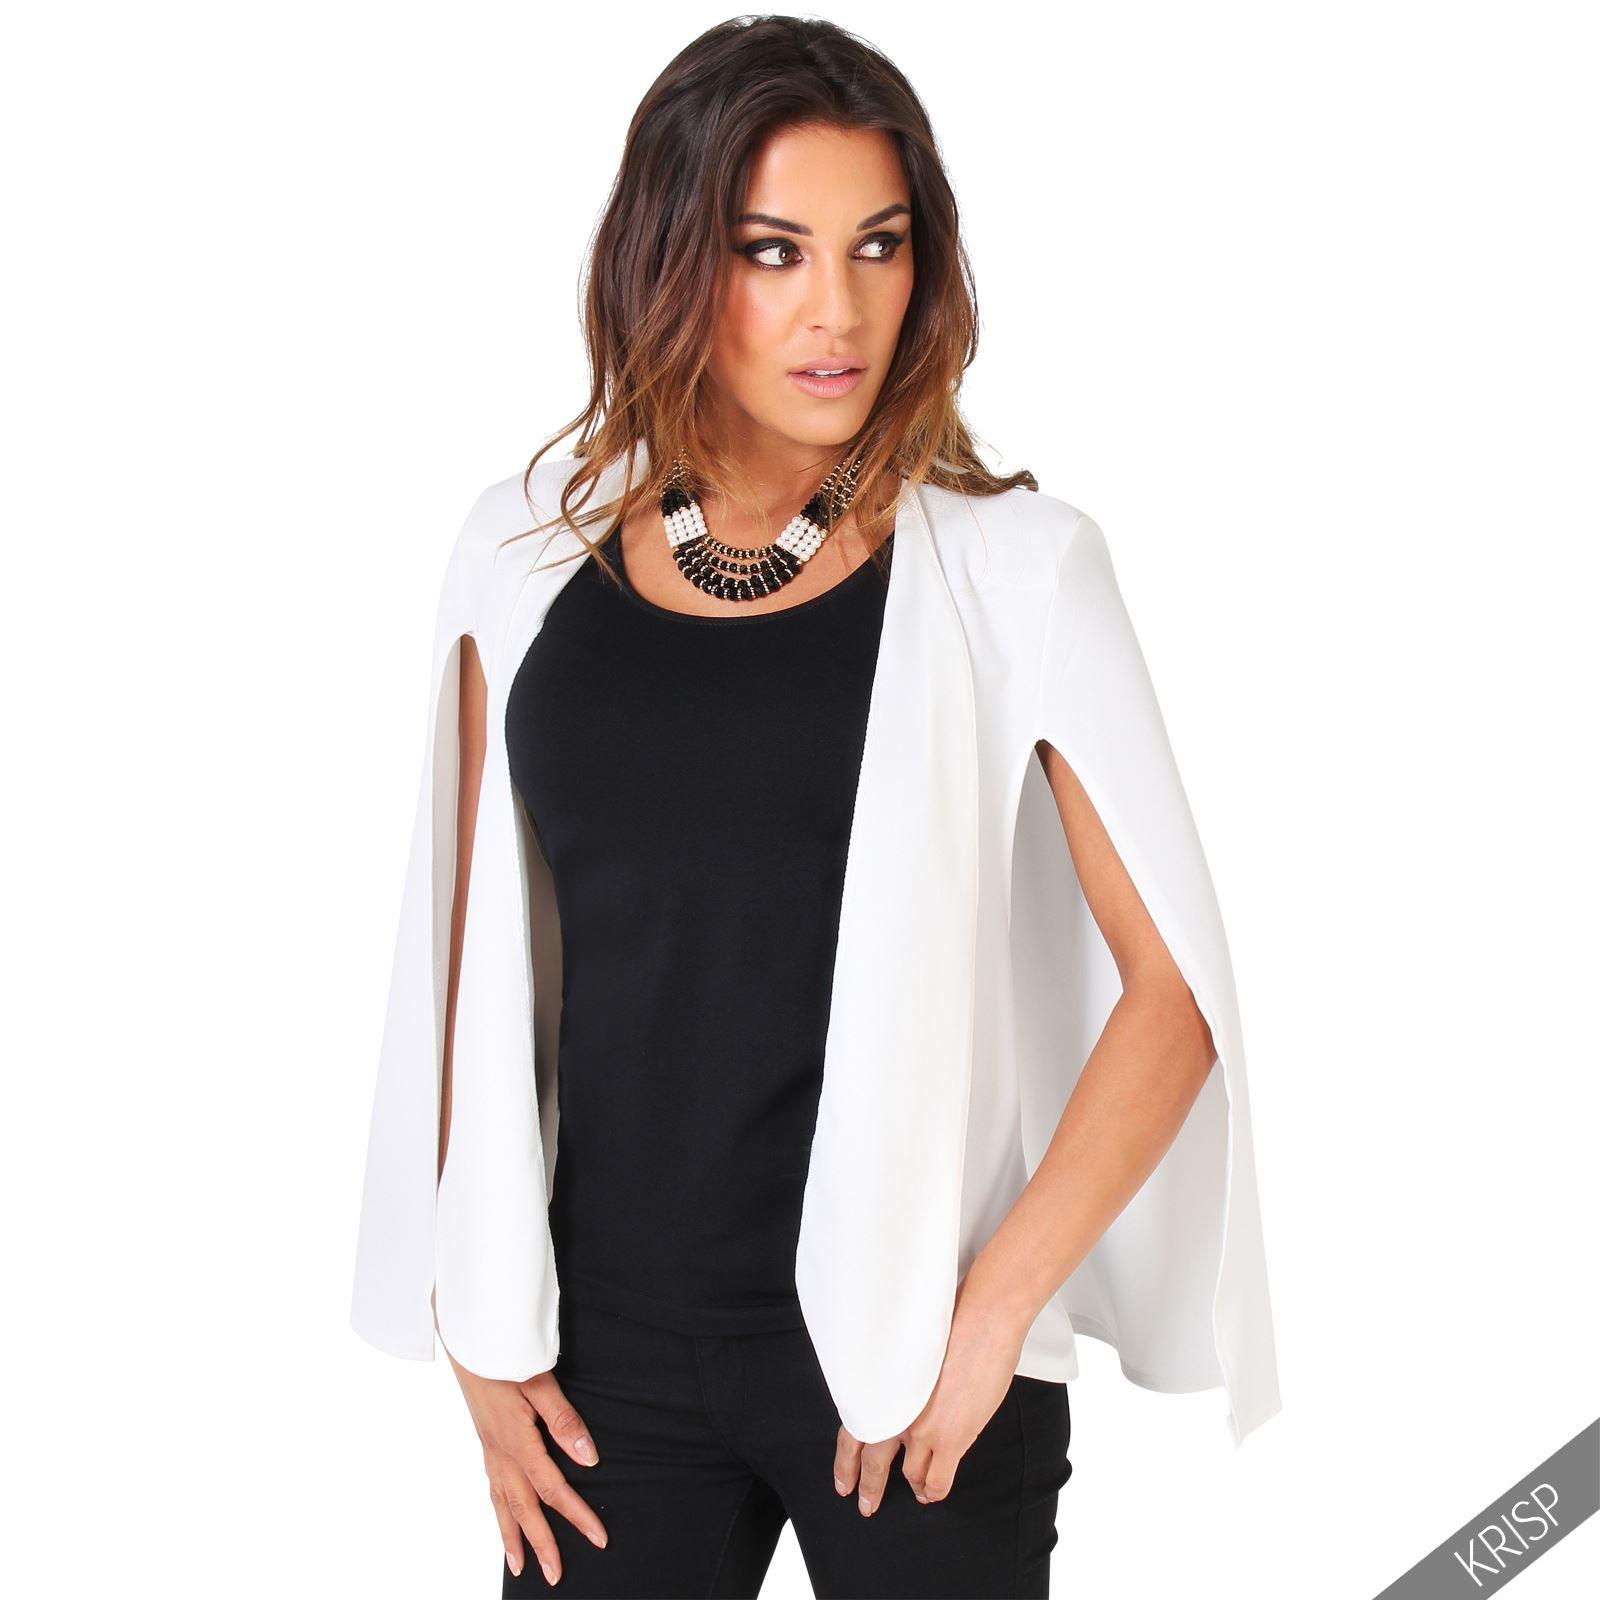 femme veste manches fendues design ouvert revers blazer uni mode nouveau ebay. Black Bedroom Furniture Sets. Home Design Ideas